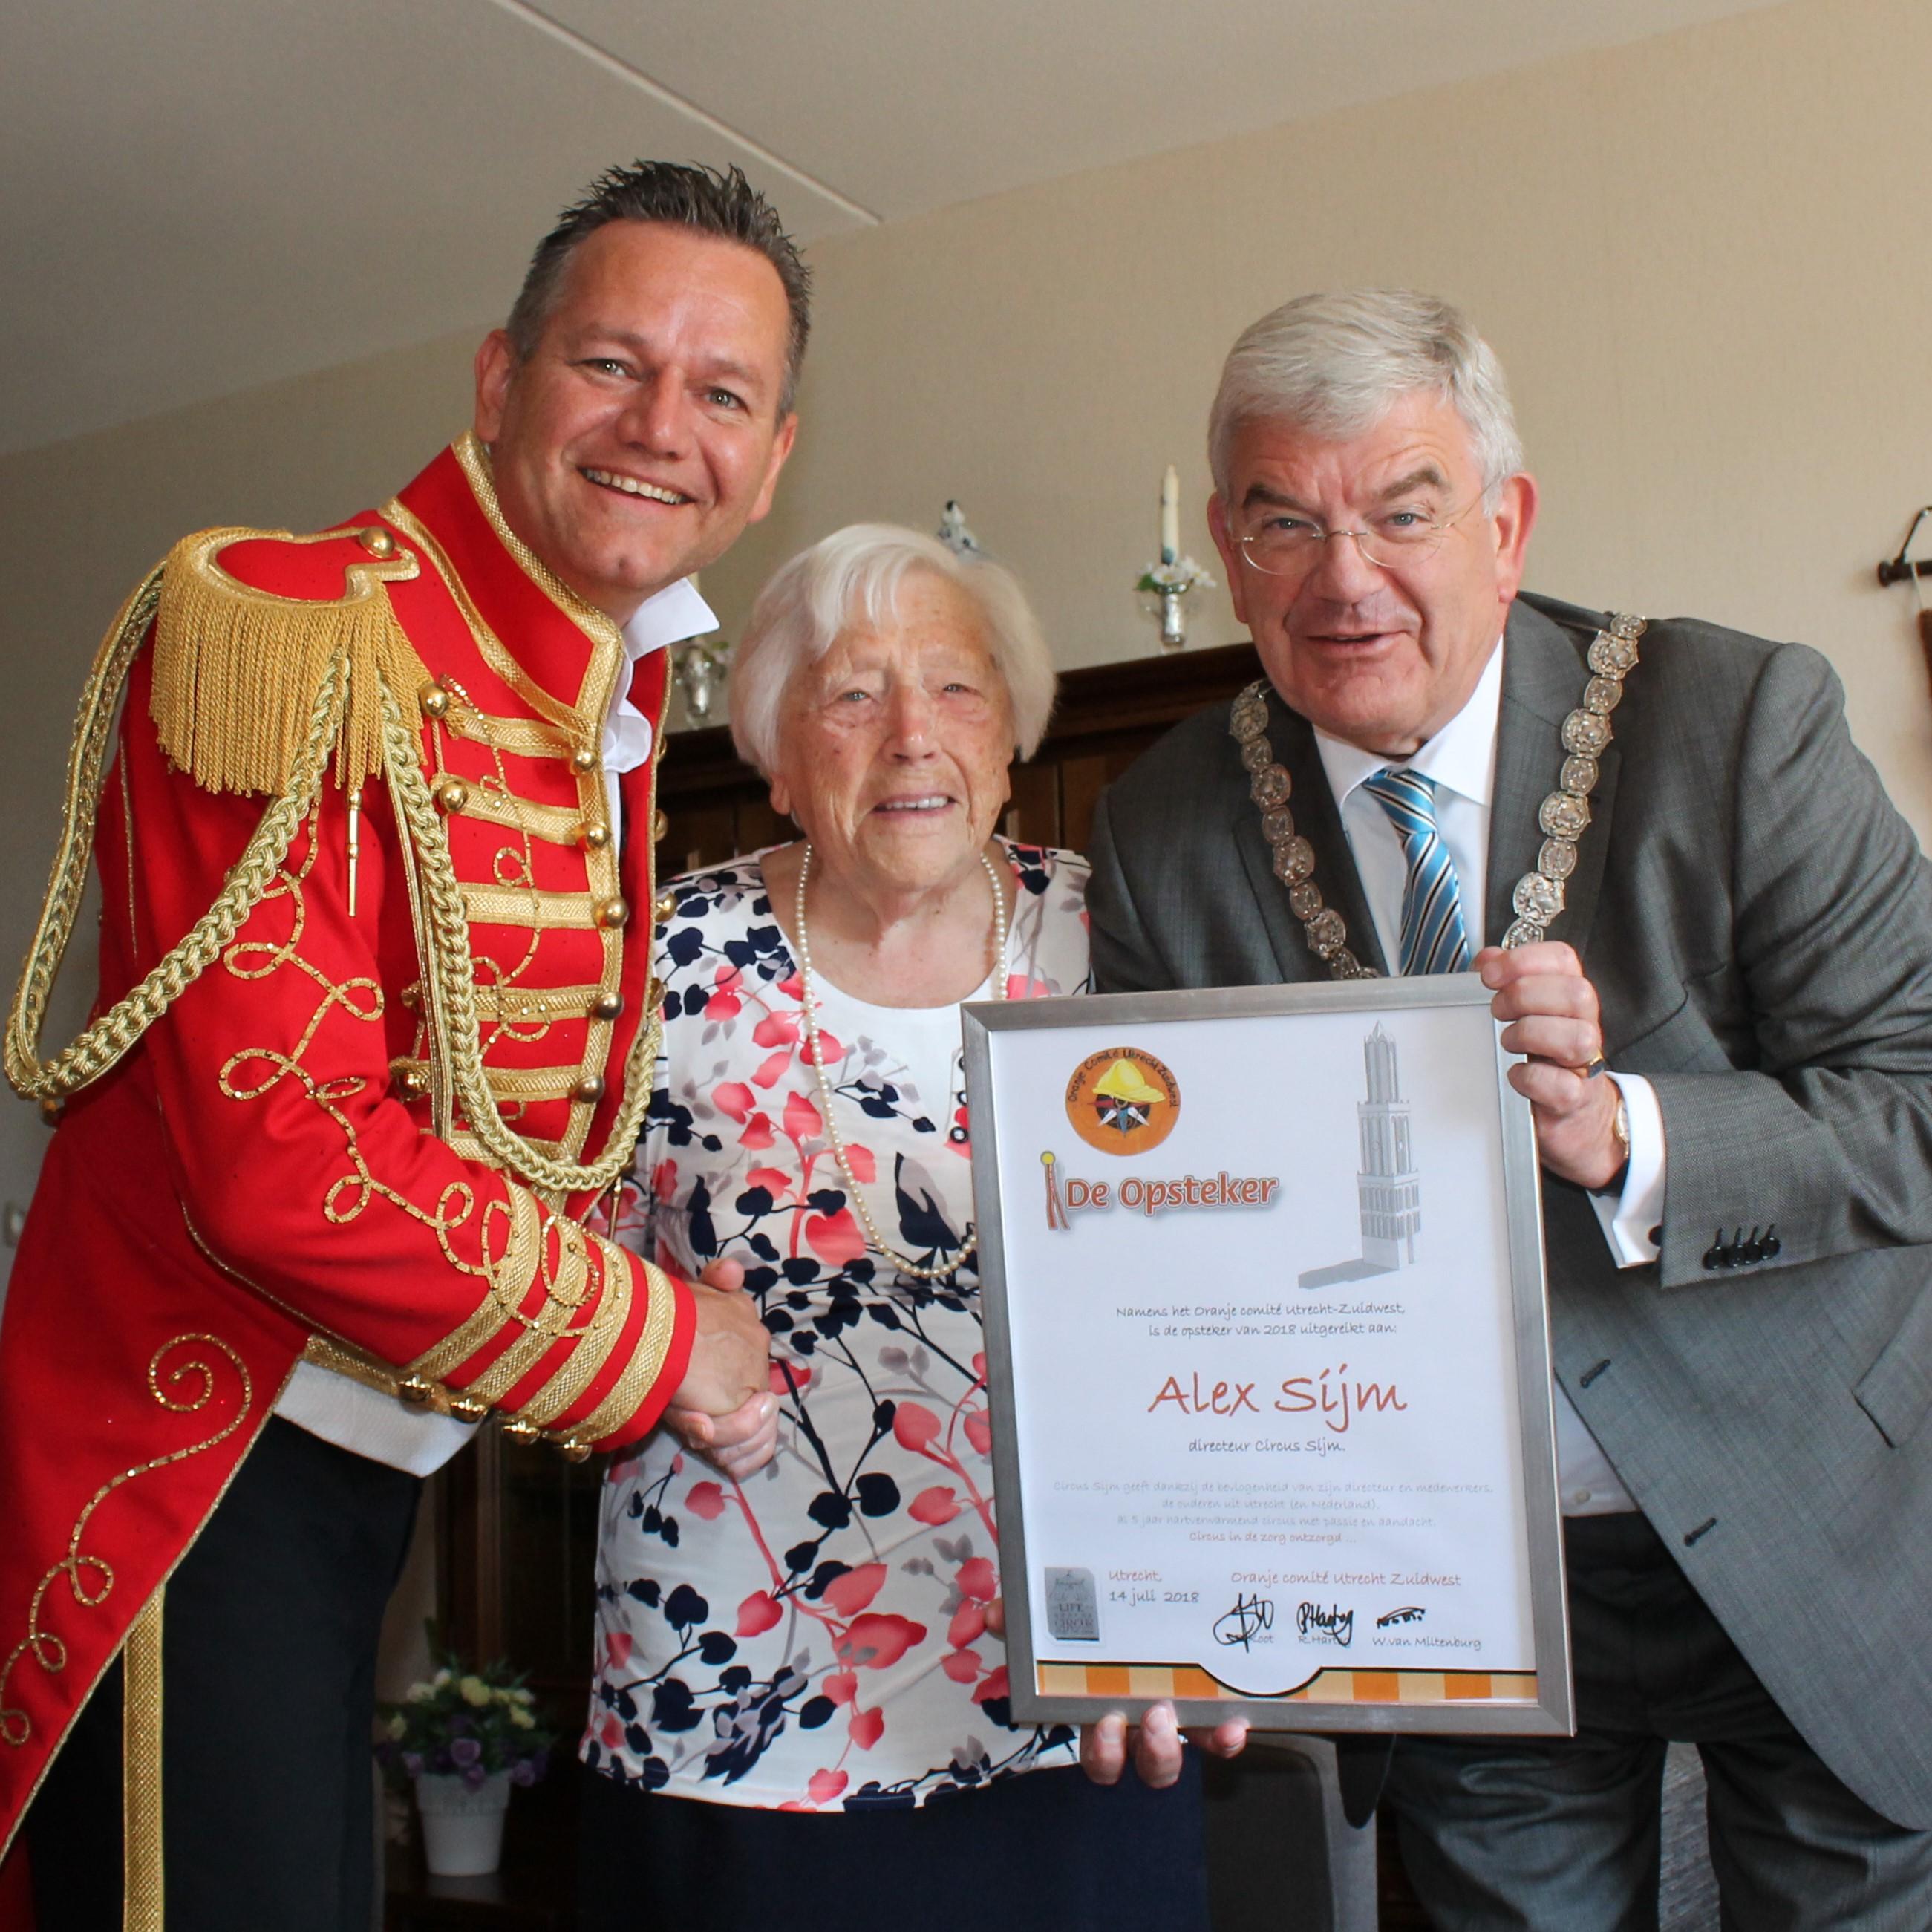 Als erkenning voor zijn werk ontving Alex Sijm uit handen van Utrechts burgemeester Jan van Zanen en de 102-jarige mevrouw Bennekom, De Opsteker van de Stad Utrecht. (Foto: aangeleverd)